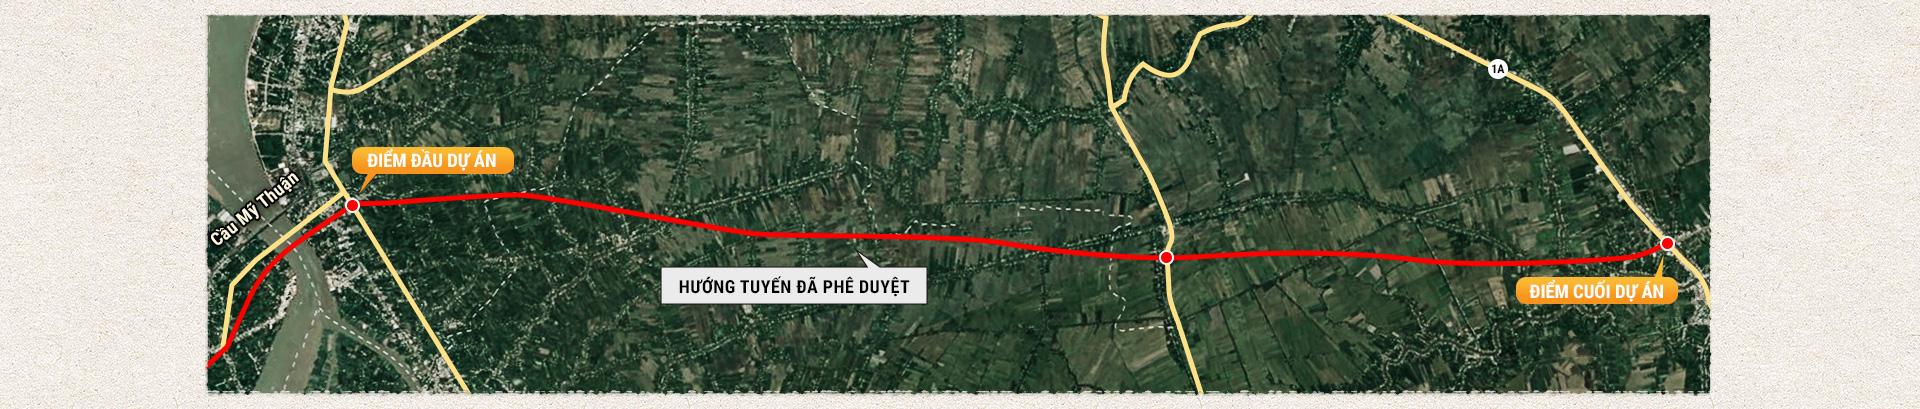 Kỳ 1: Các tuyến cao tốc Bắc - Nam phía Đông - Ảnh 10.